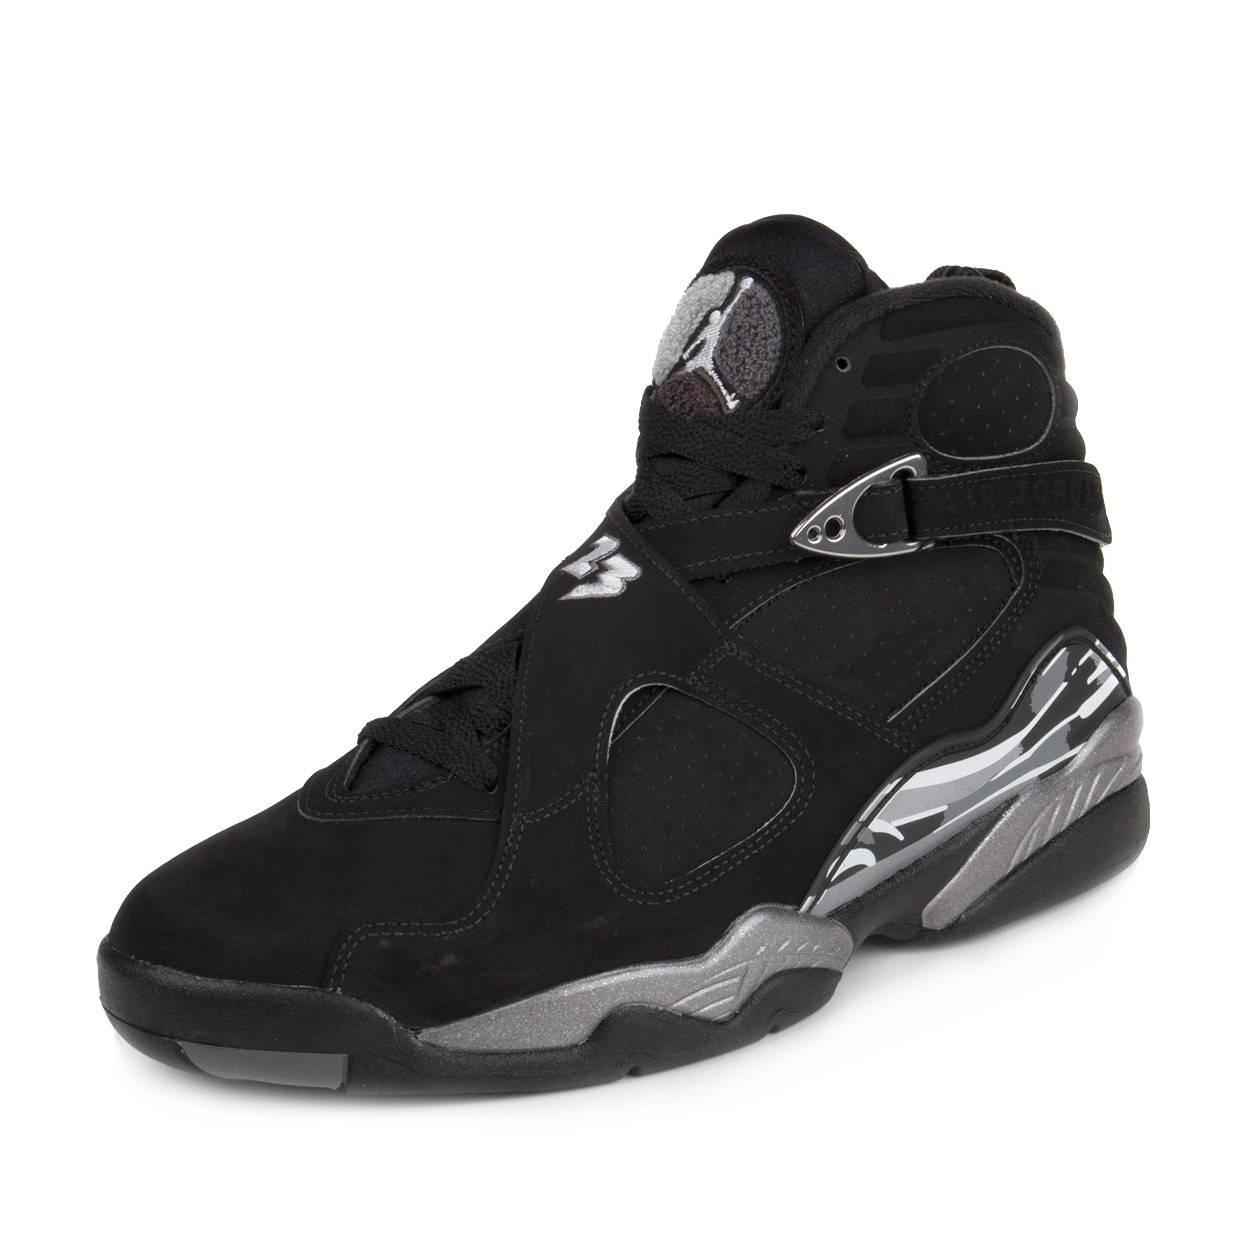 Ebay Cheap Shoes